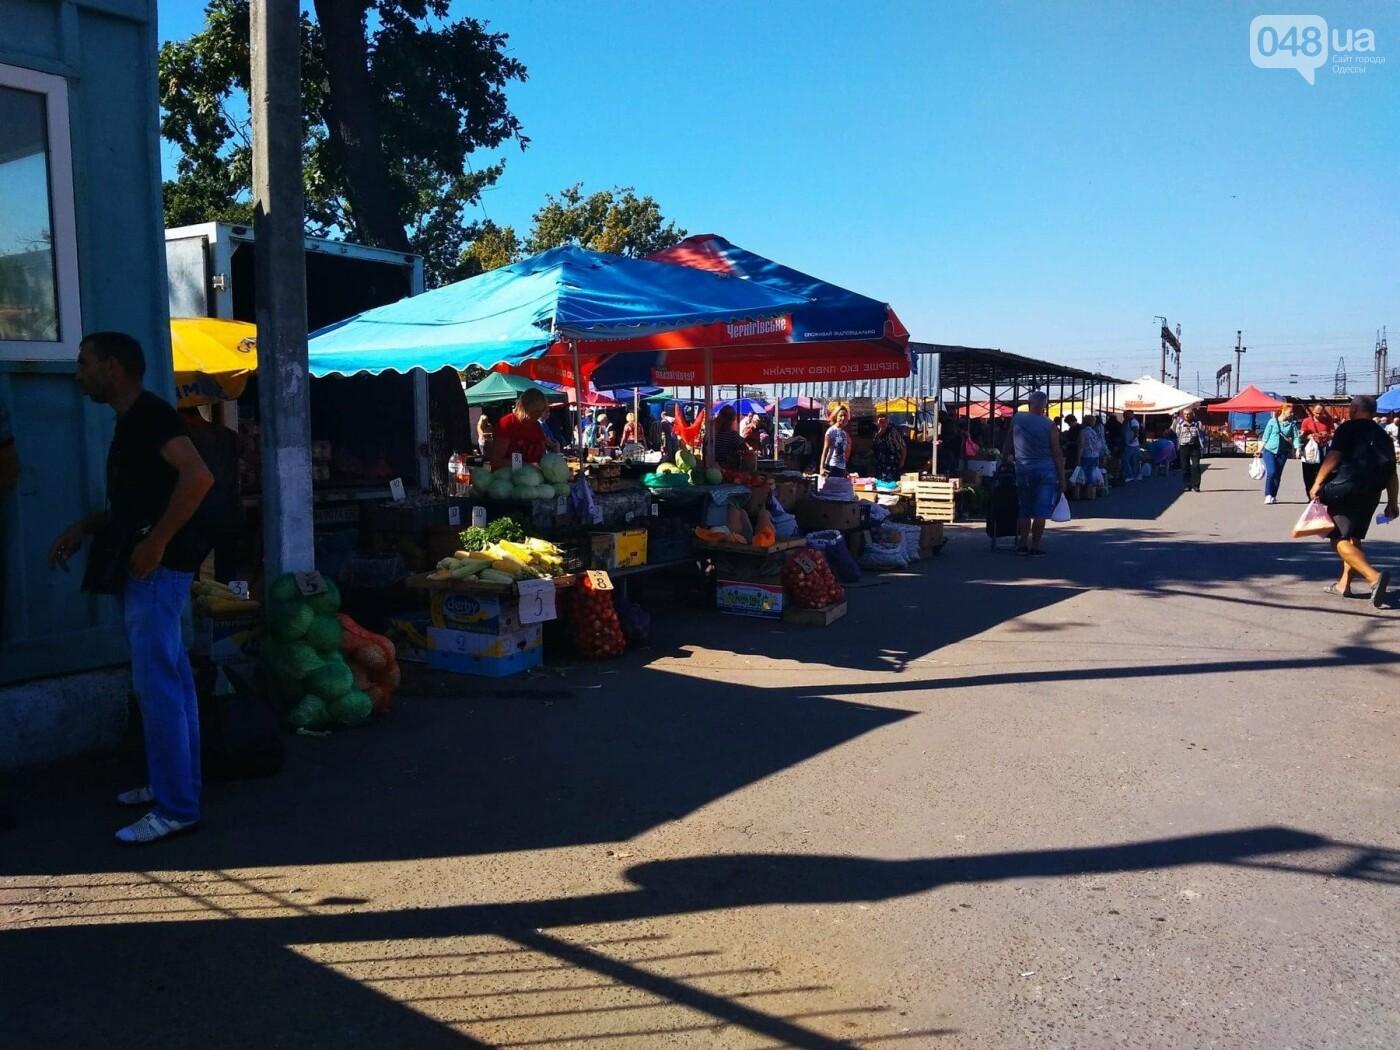 Ищем, где дешевле в Одессе: обзор цен на продукты на рынках Котовского, - ФОТО, ИНФОГРАФИКА, фото-1